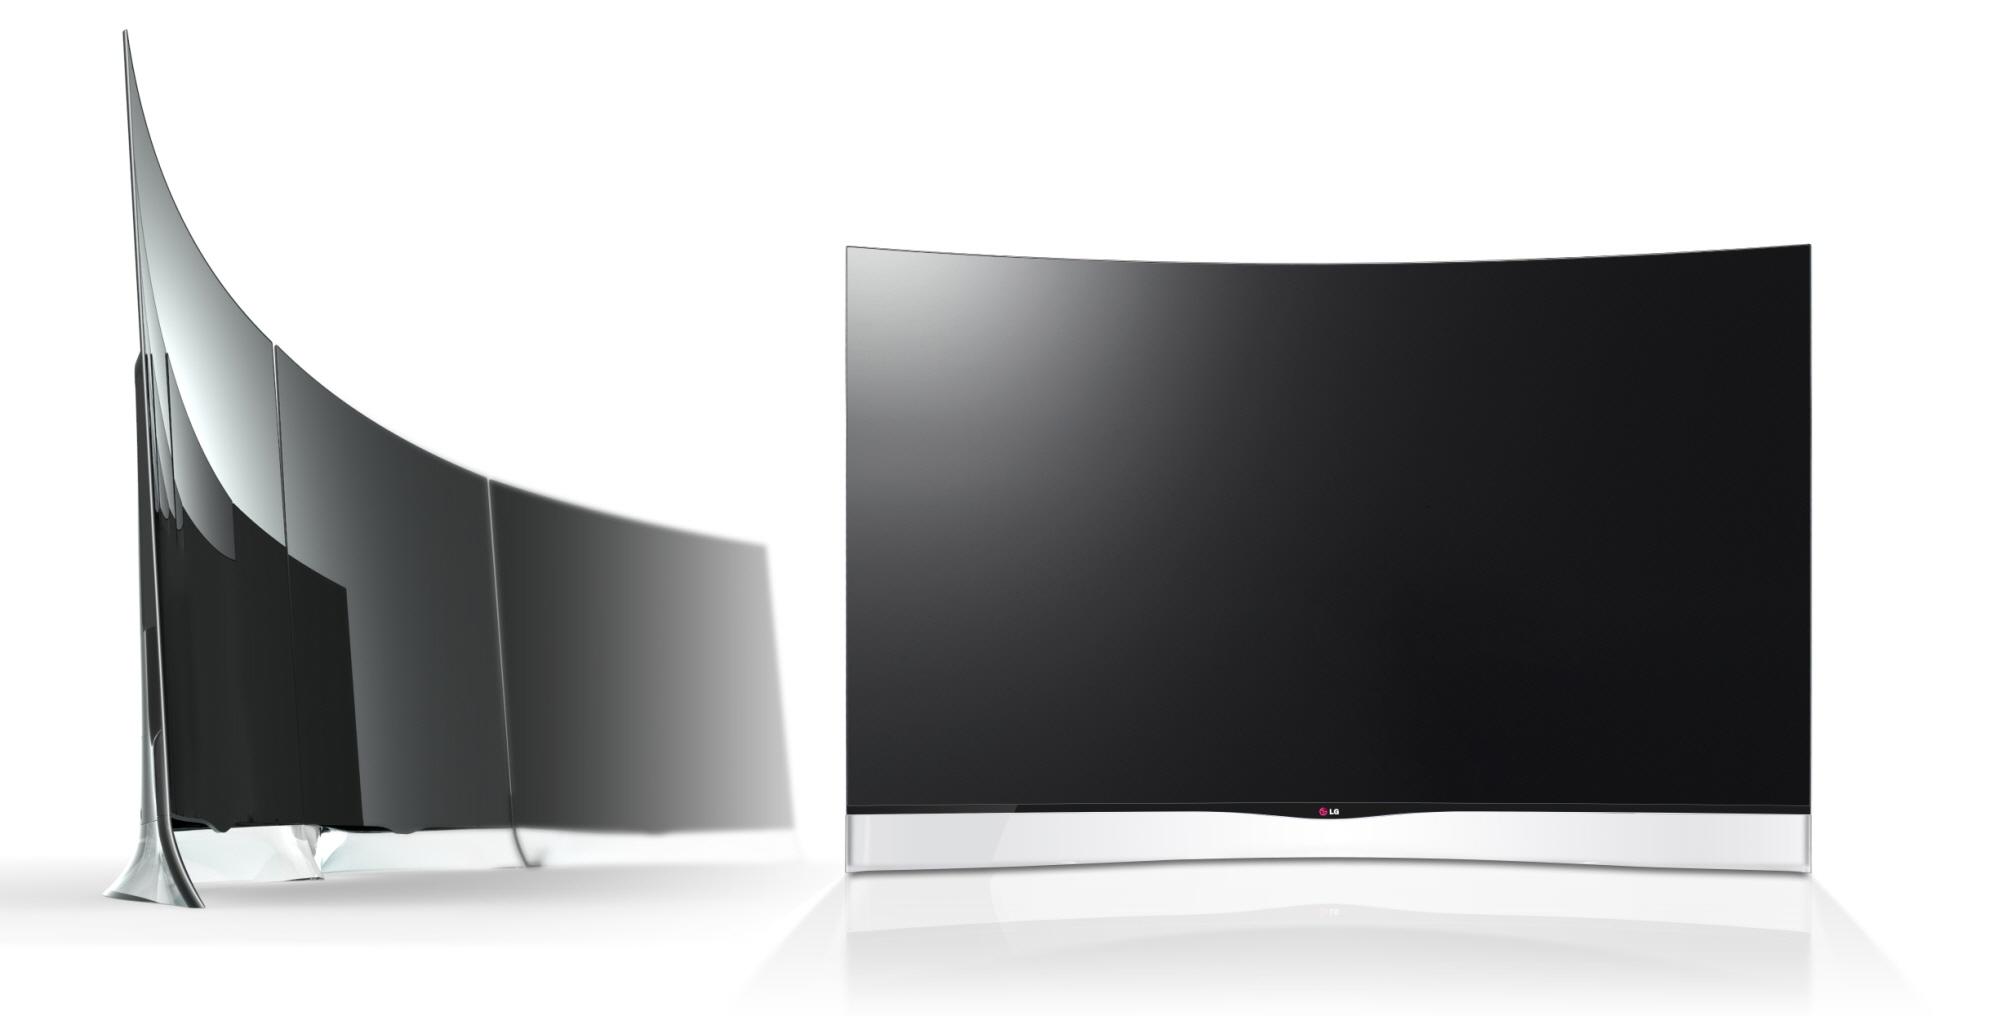 LG lança primeira TV LED do mundo com tela curva